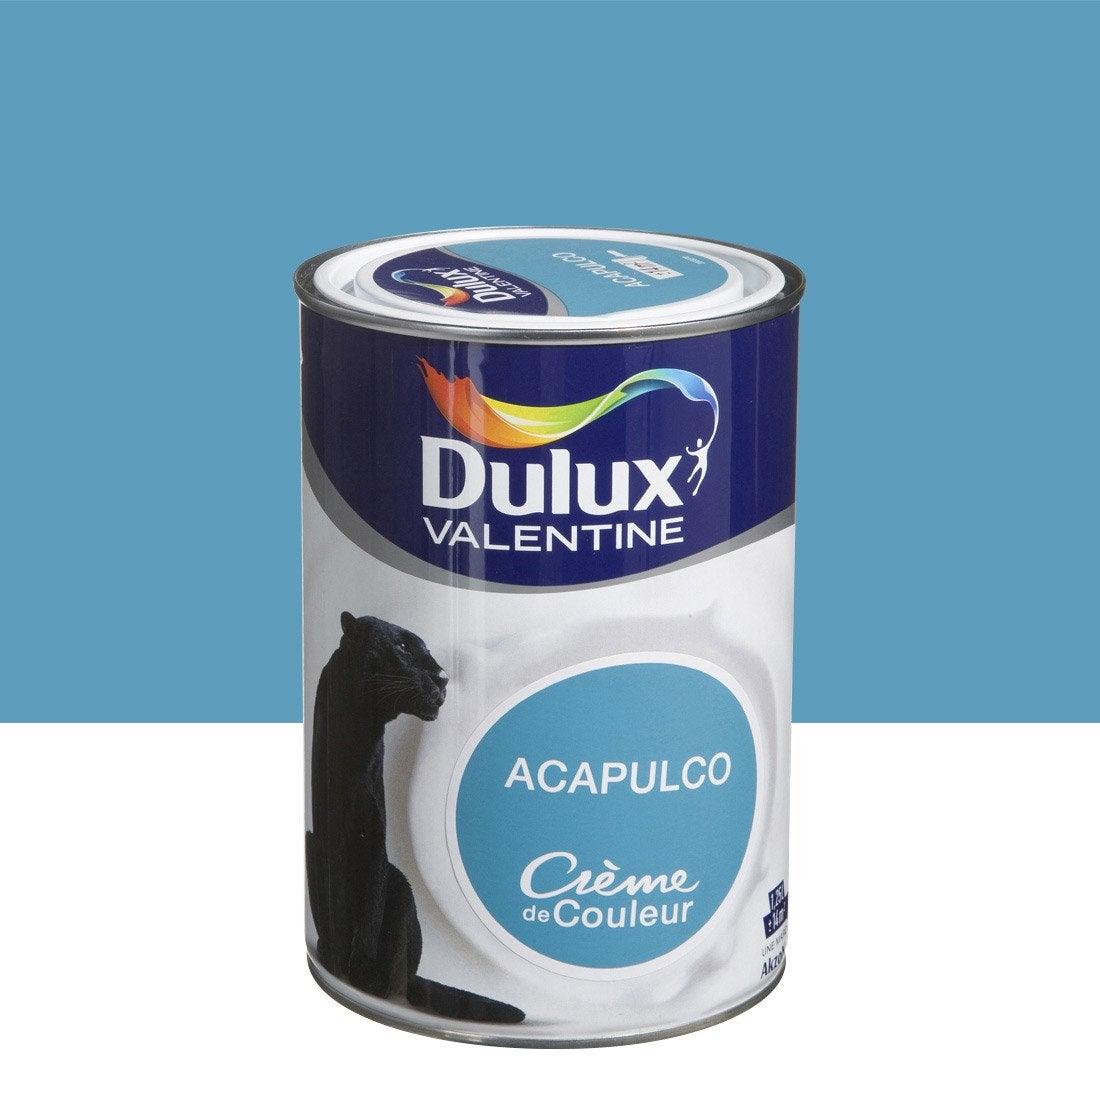 Peinture Bleu Acapulco Satin Dulux Valentine Cr Me De Couleur 1 25 L